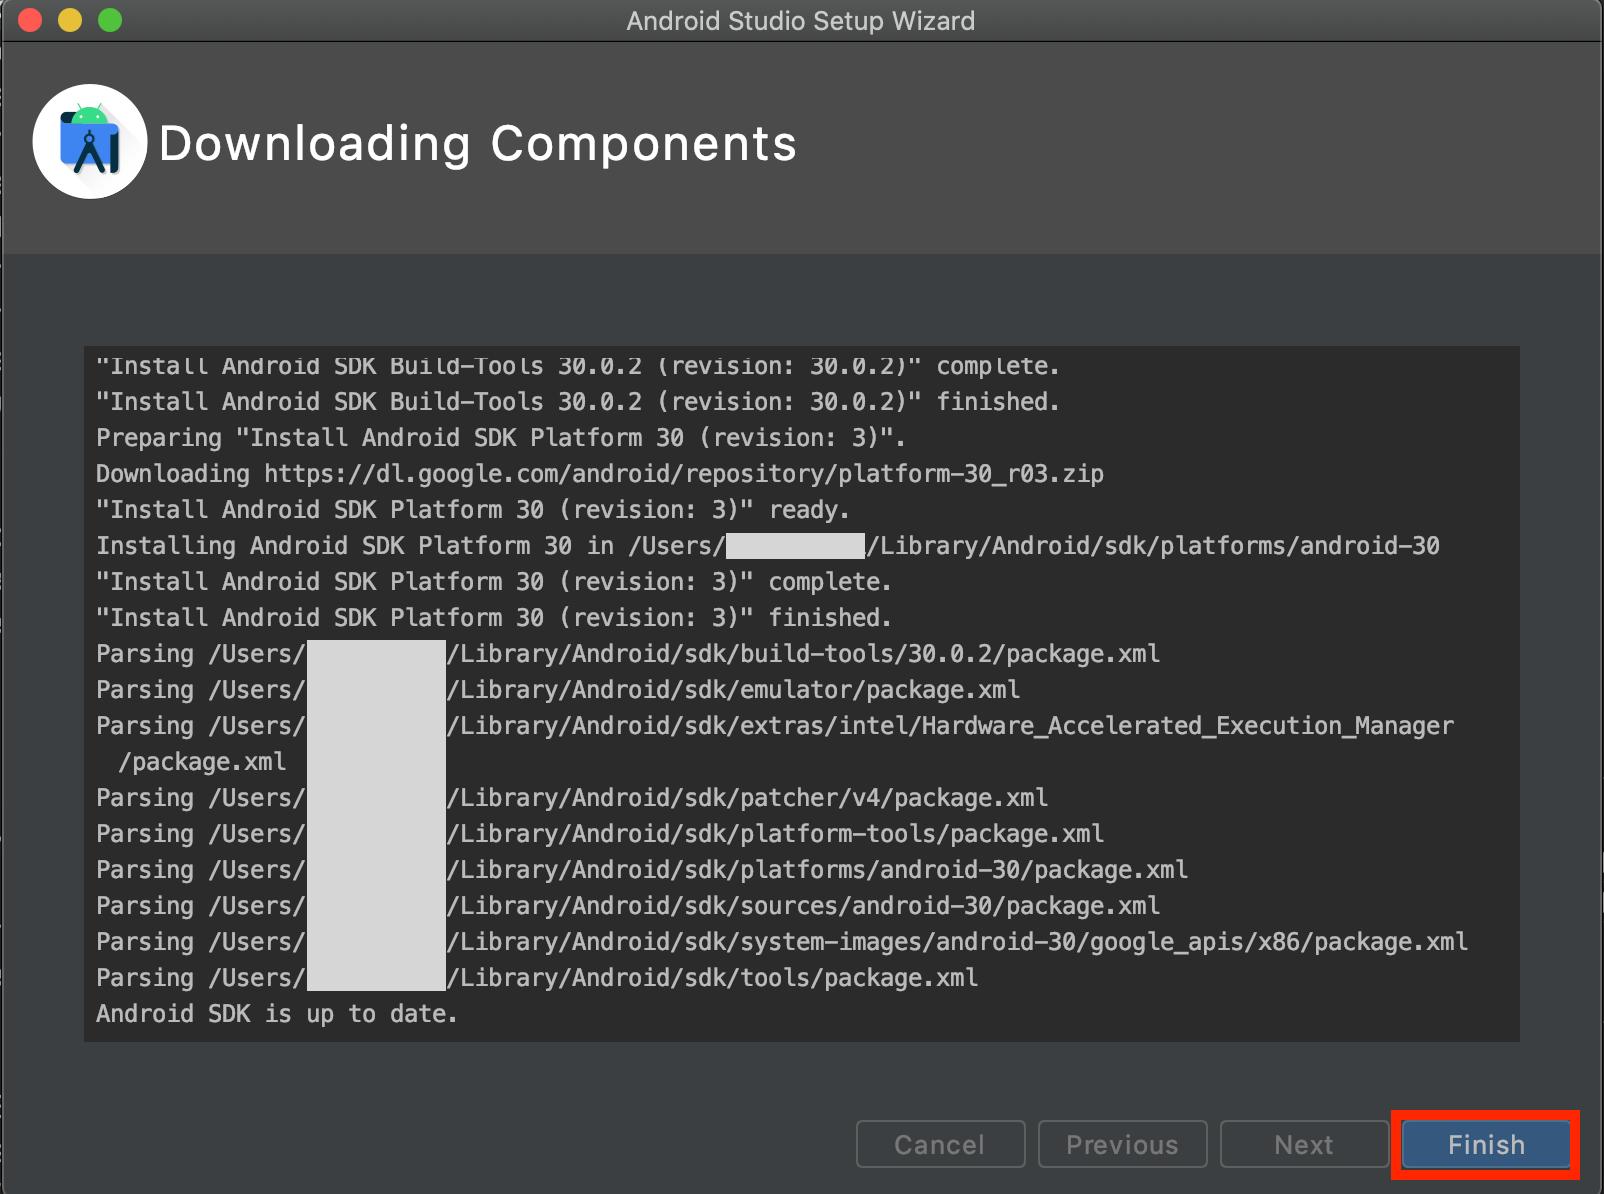 Android Studioのコンポーネントダウンロード画面